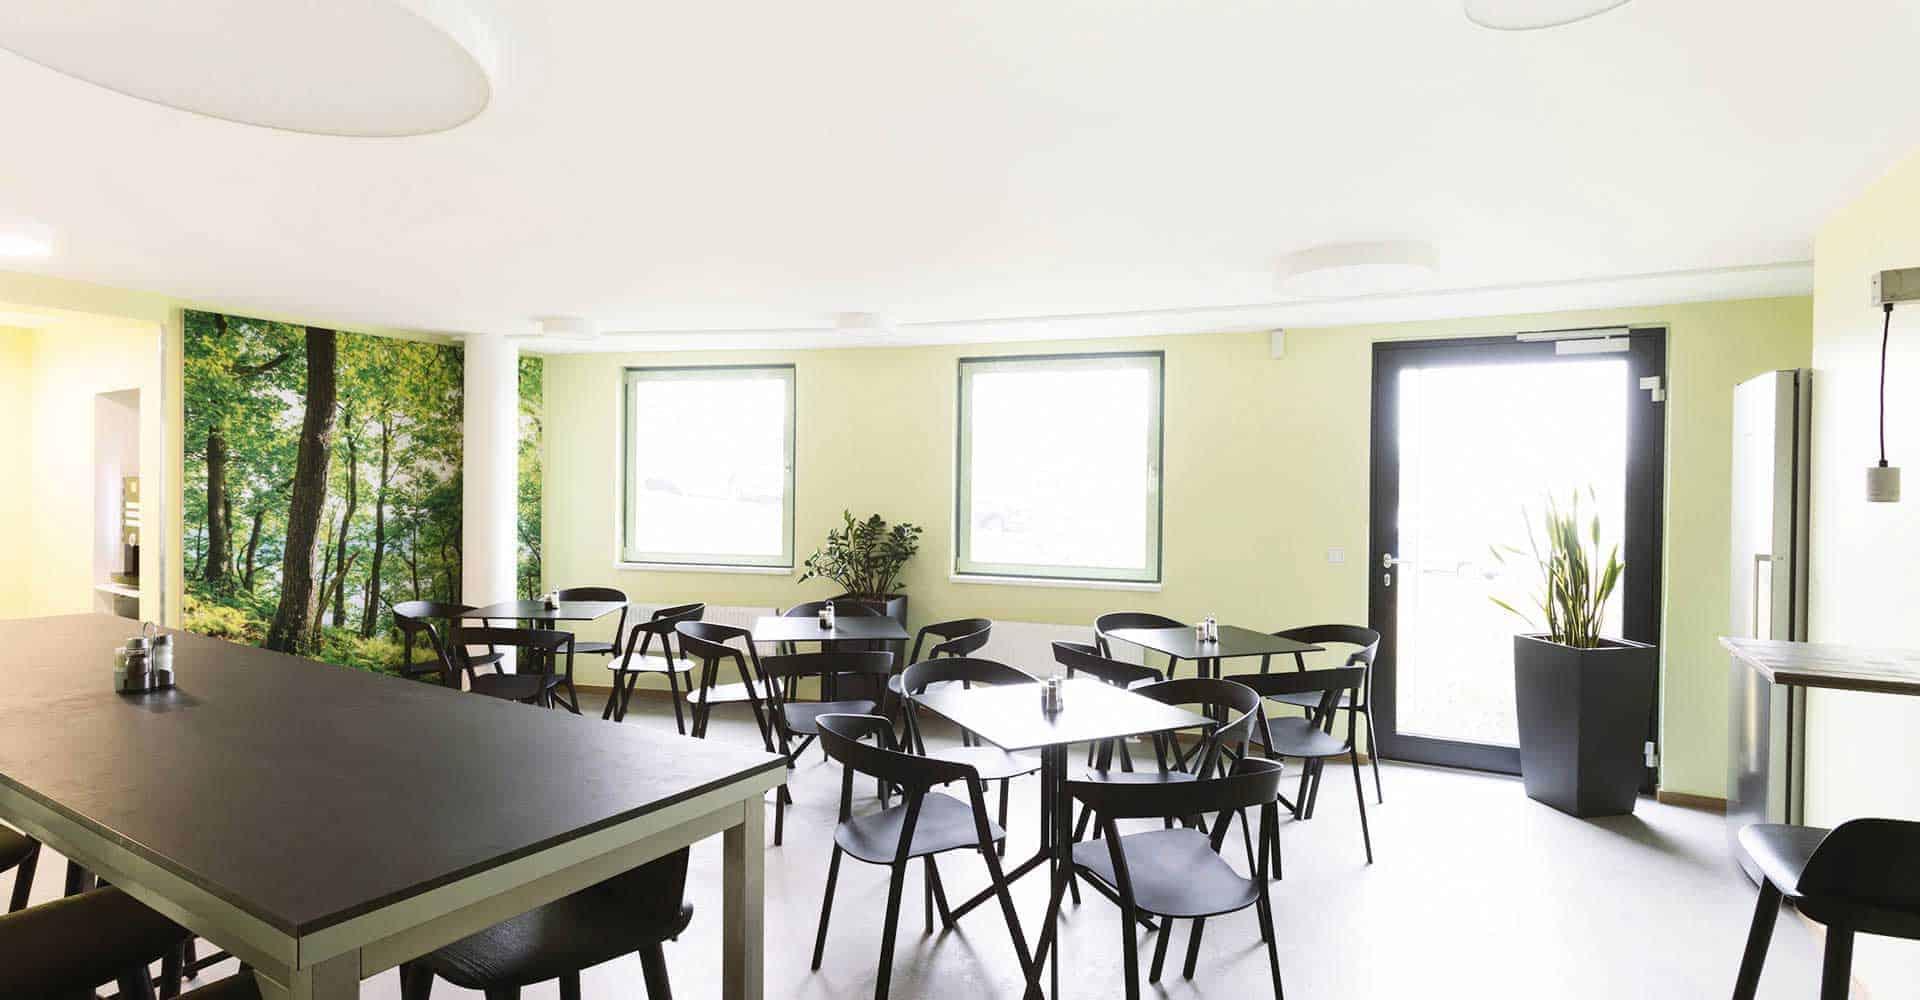 Referenz, Autohaus Pattusch, Neugestaltung Personalbereich, Speiseraum, Küche, Innenausbau, Handwerk, GU-Leistung, Architektur, Marketing, Dresden, 45 qm